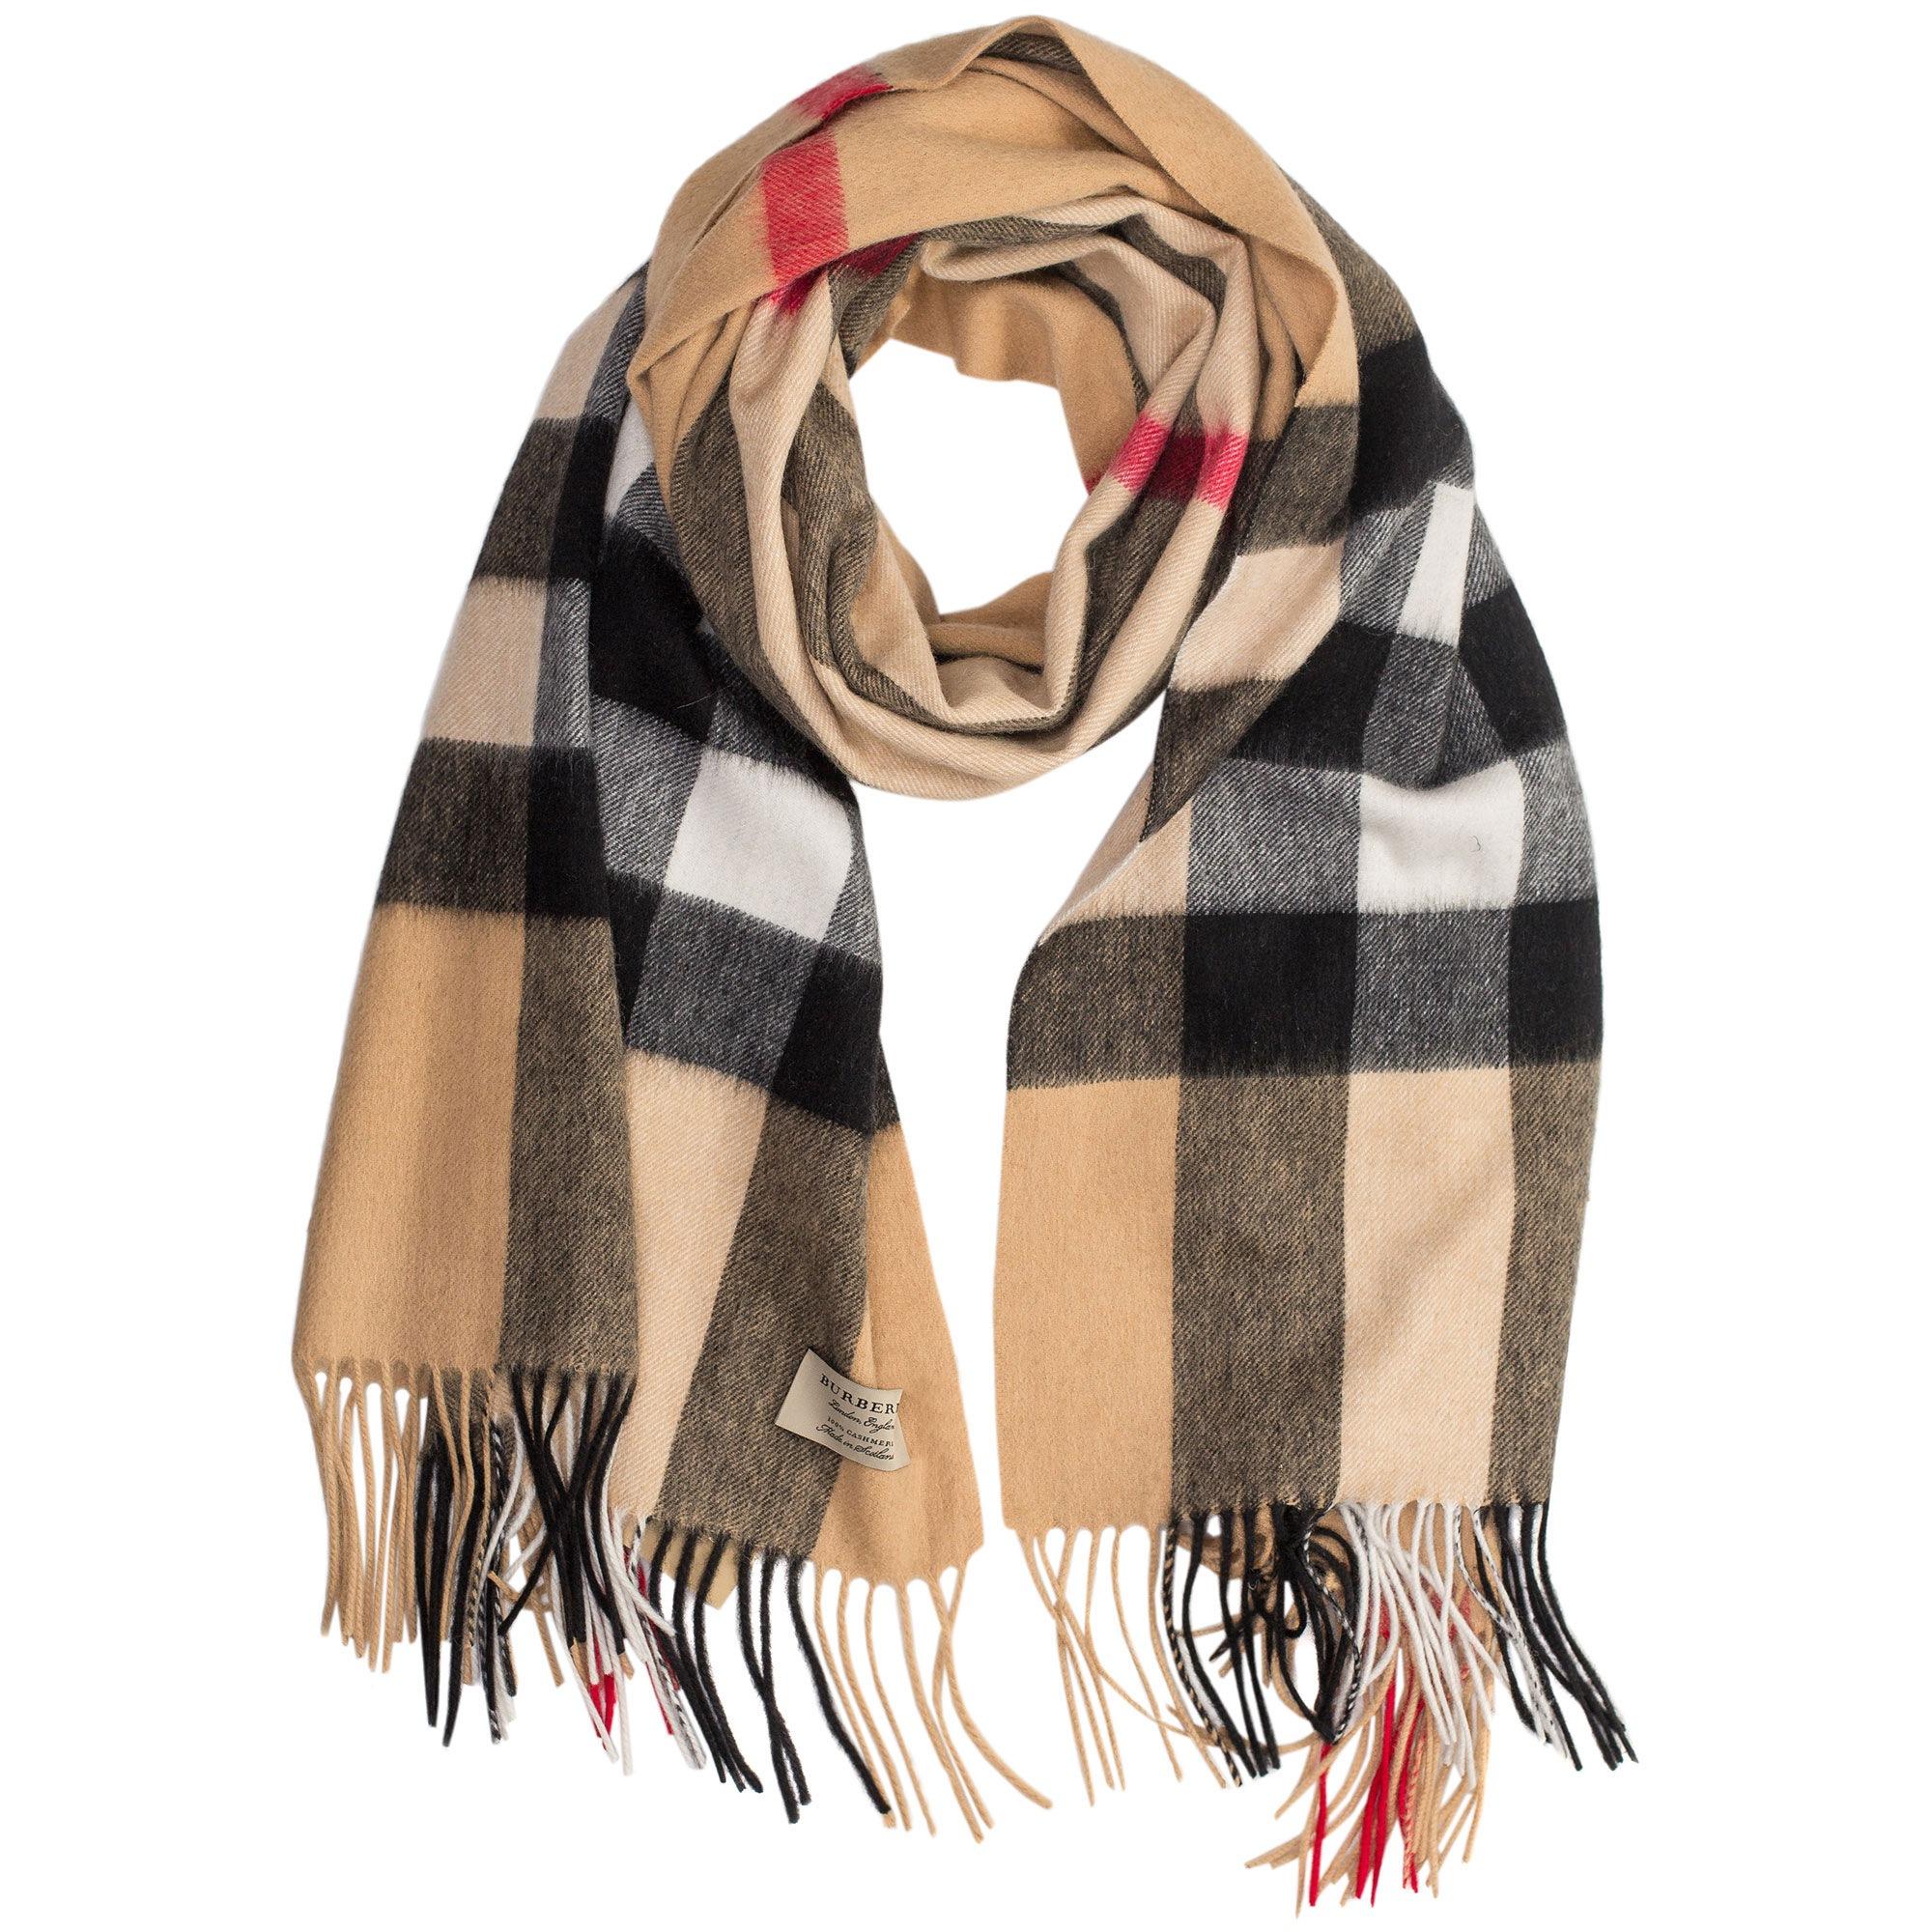 Купить большой шарф Burberry бежевого цвета — в Киеве, код товара 28386 b679b153d3b